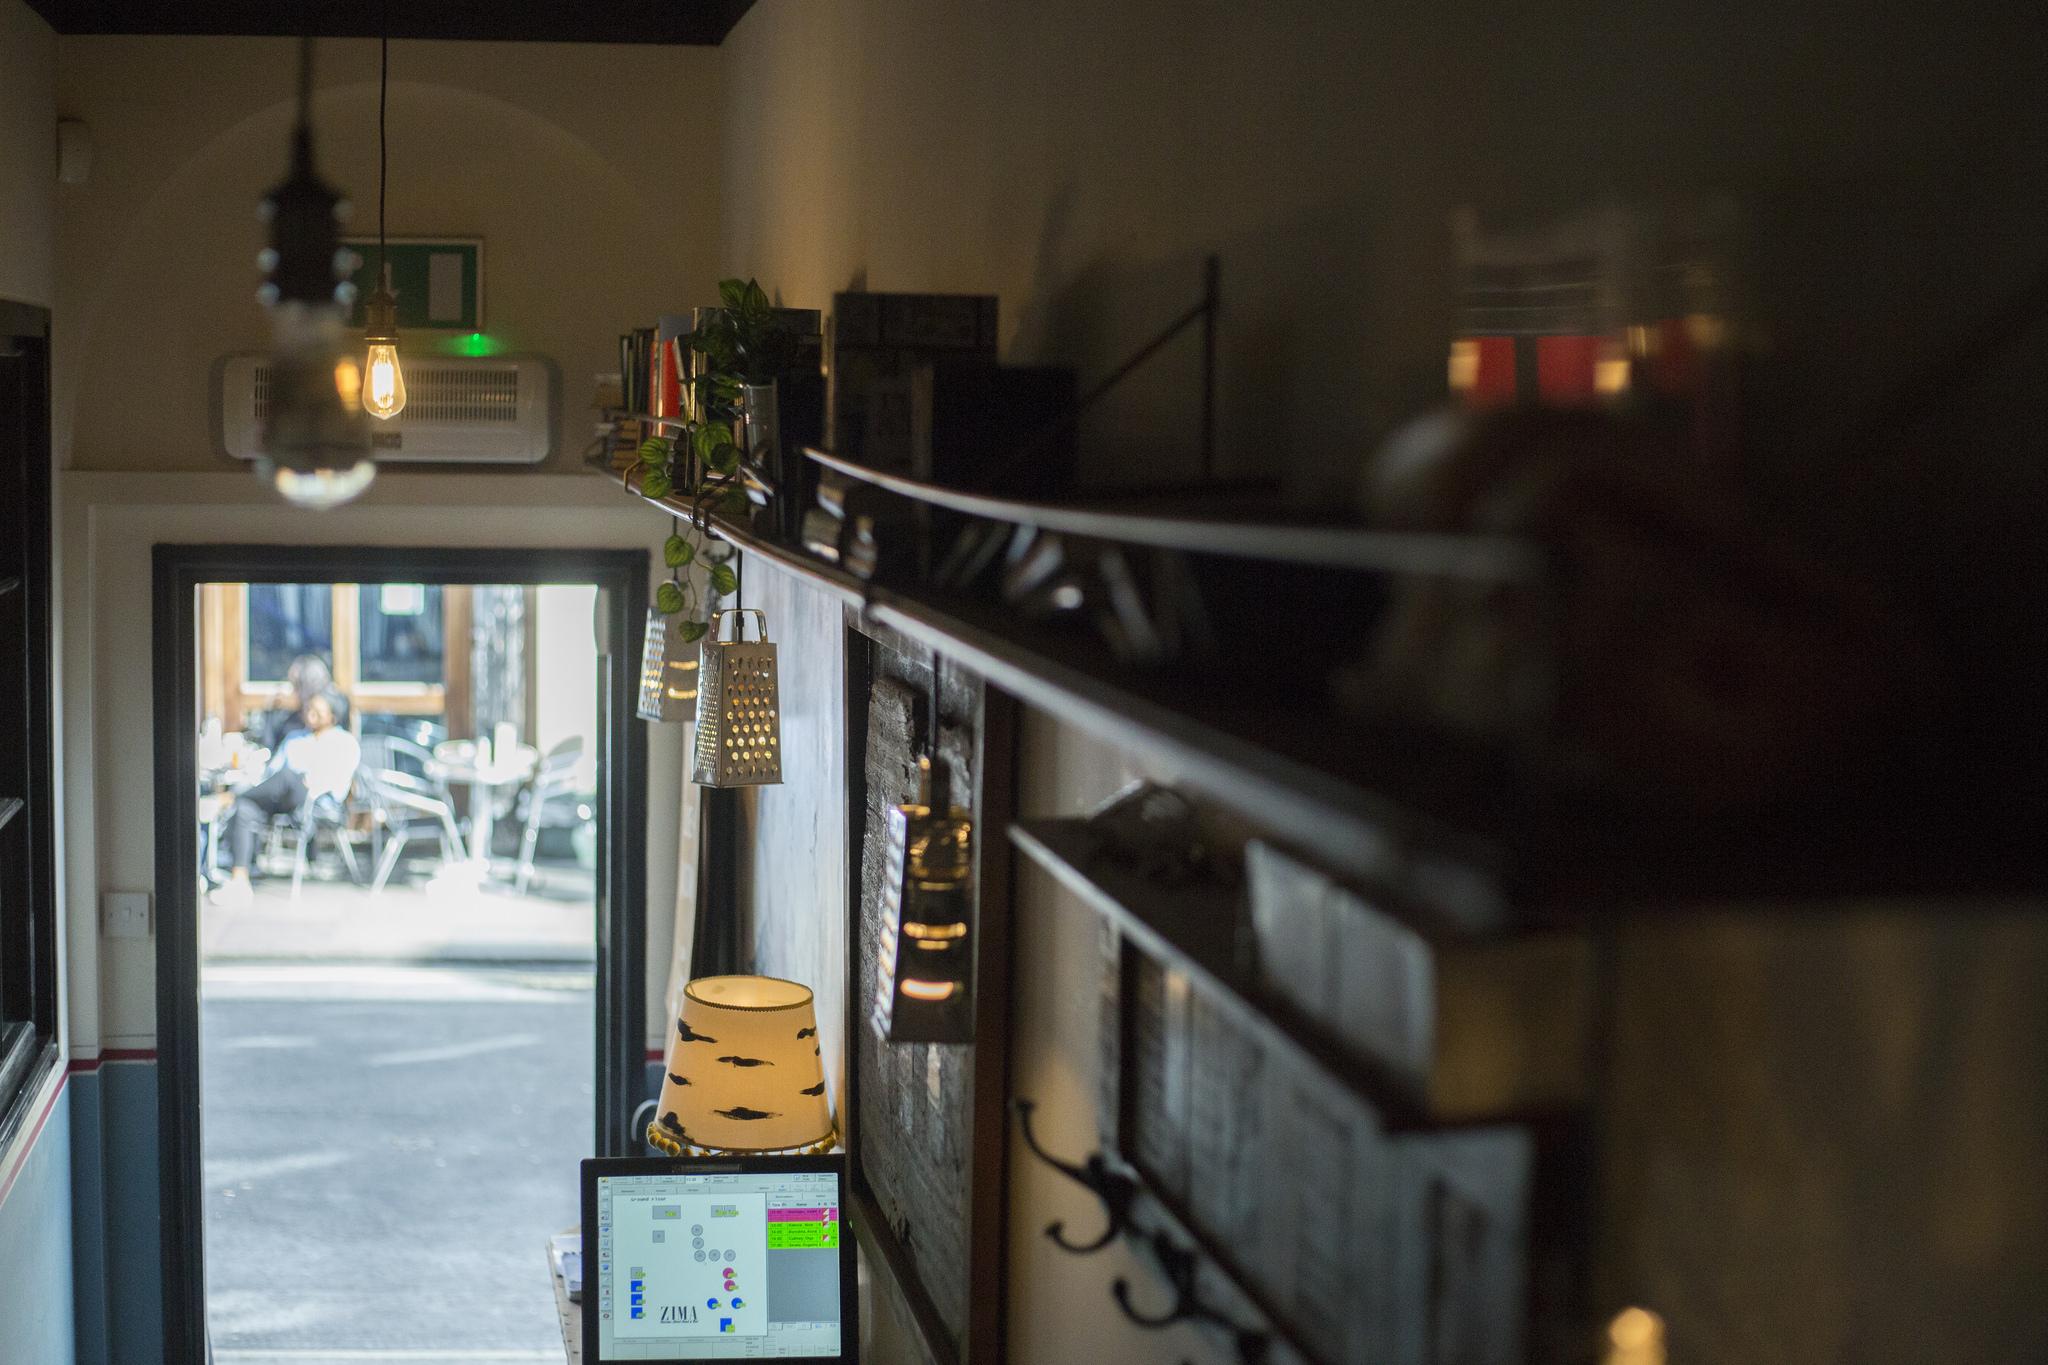 Вакансии: менеджер по маркетингу в ресторан